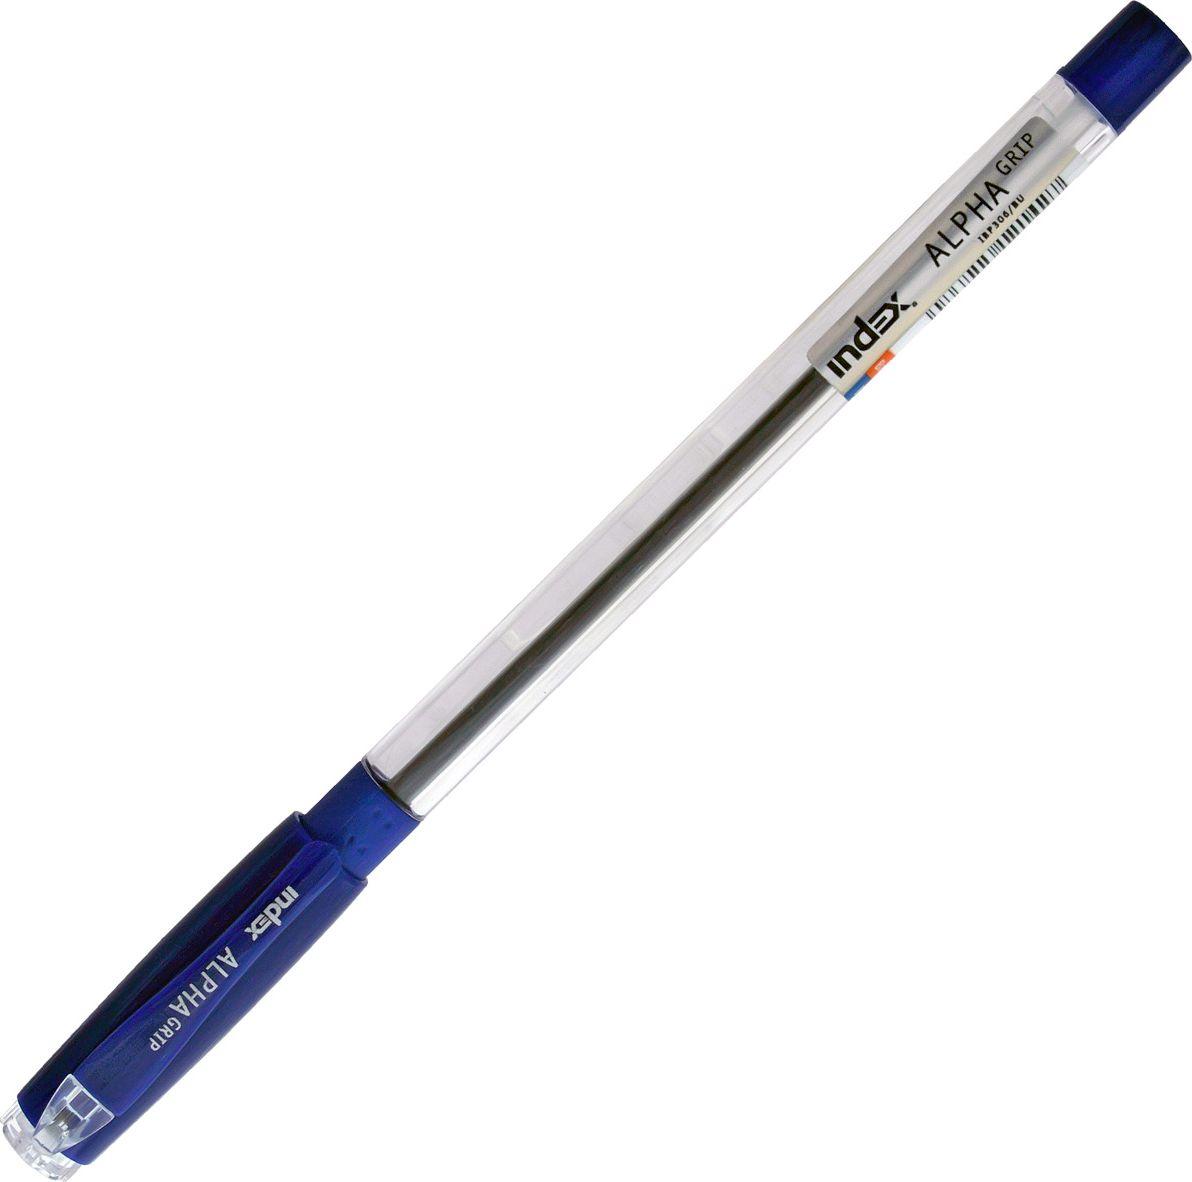 Index Ручка шариковая Alpha Grip цвет чернил синийIBP316/BUПрозрачный корпус с резиновым упором под пальцы. Колпачок и наконечник в цвет чернил. Чернила на масляной основе. Толщина линии - 0,5 мм. Диаметр шарика - 0,7 мм. Цвет чернил - синий. В пакете с европодвесом